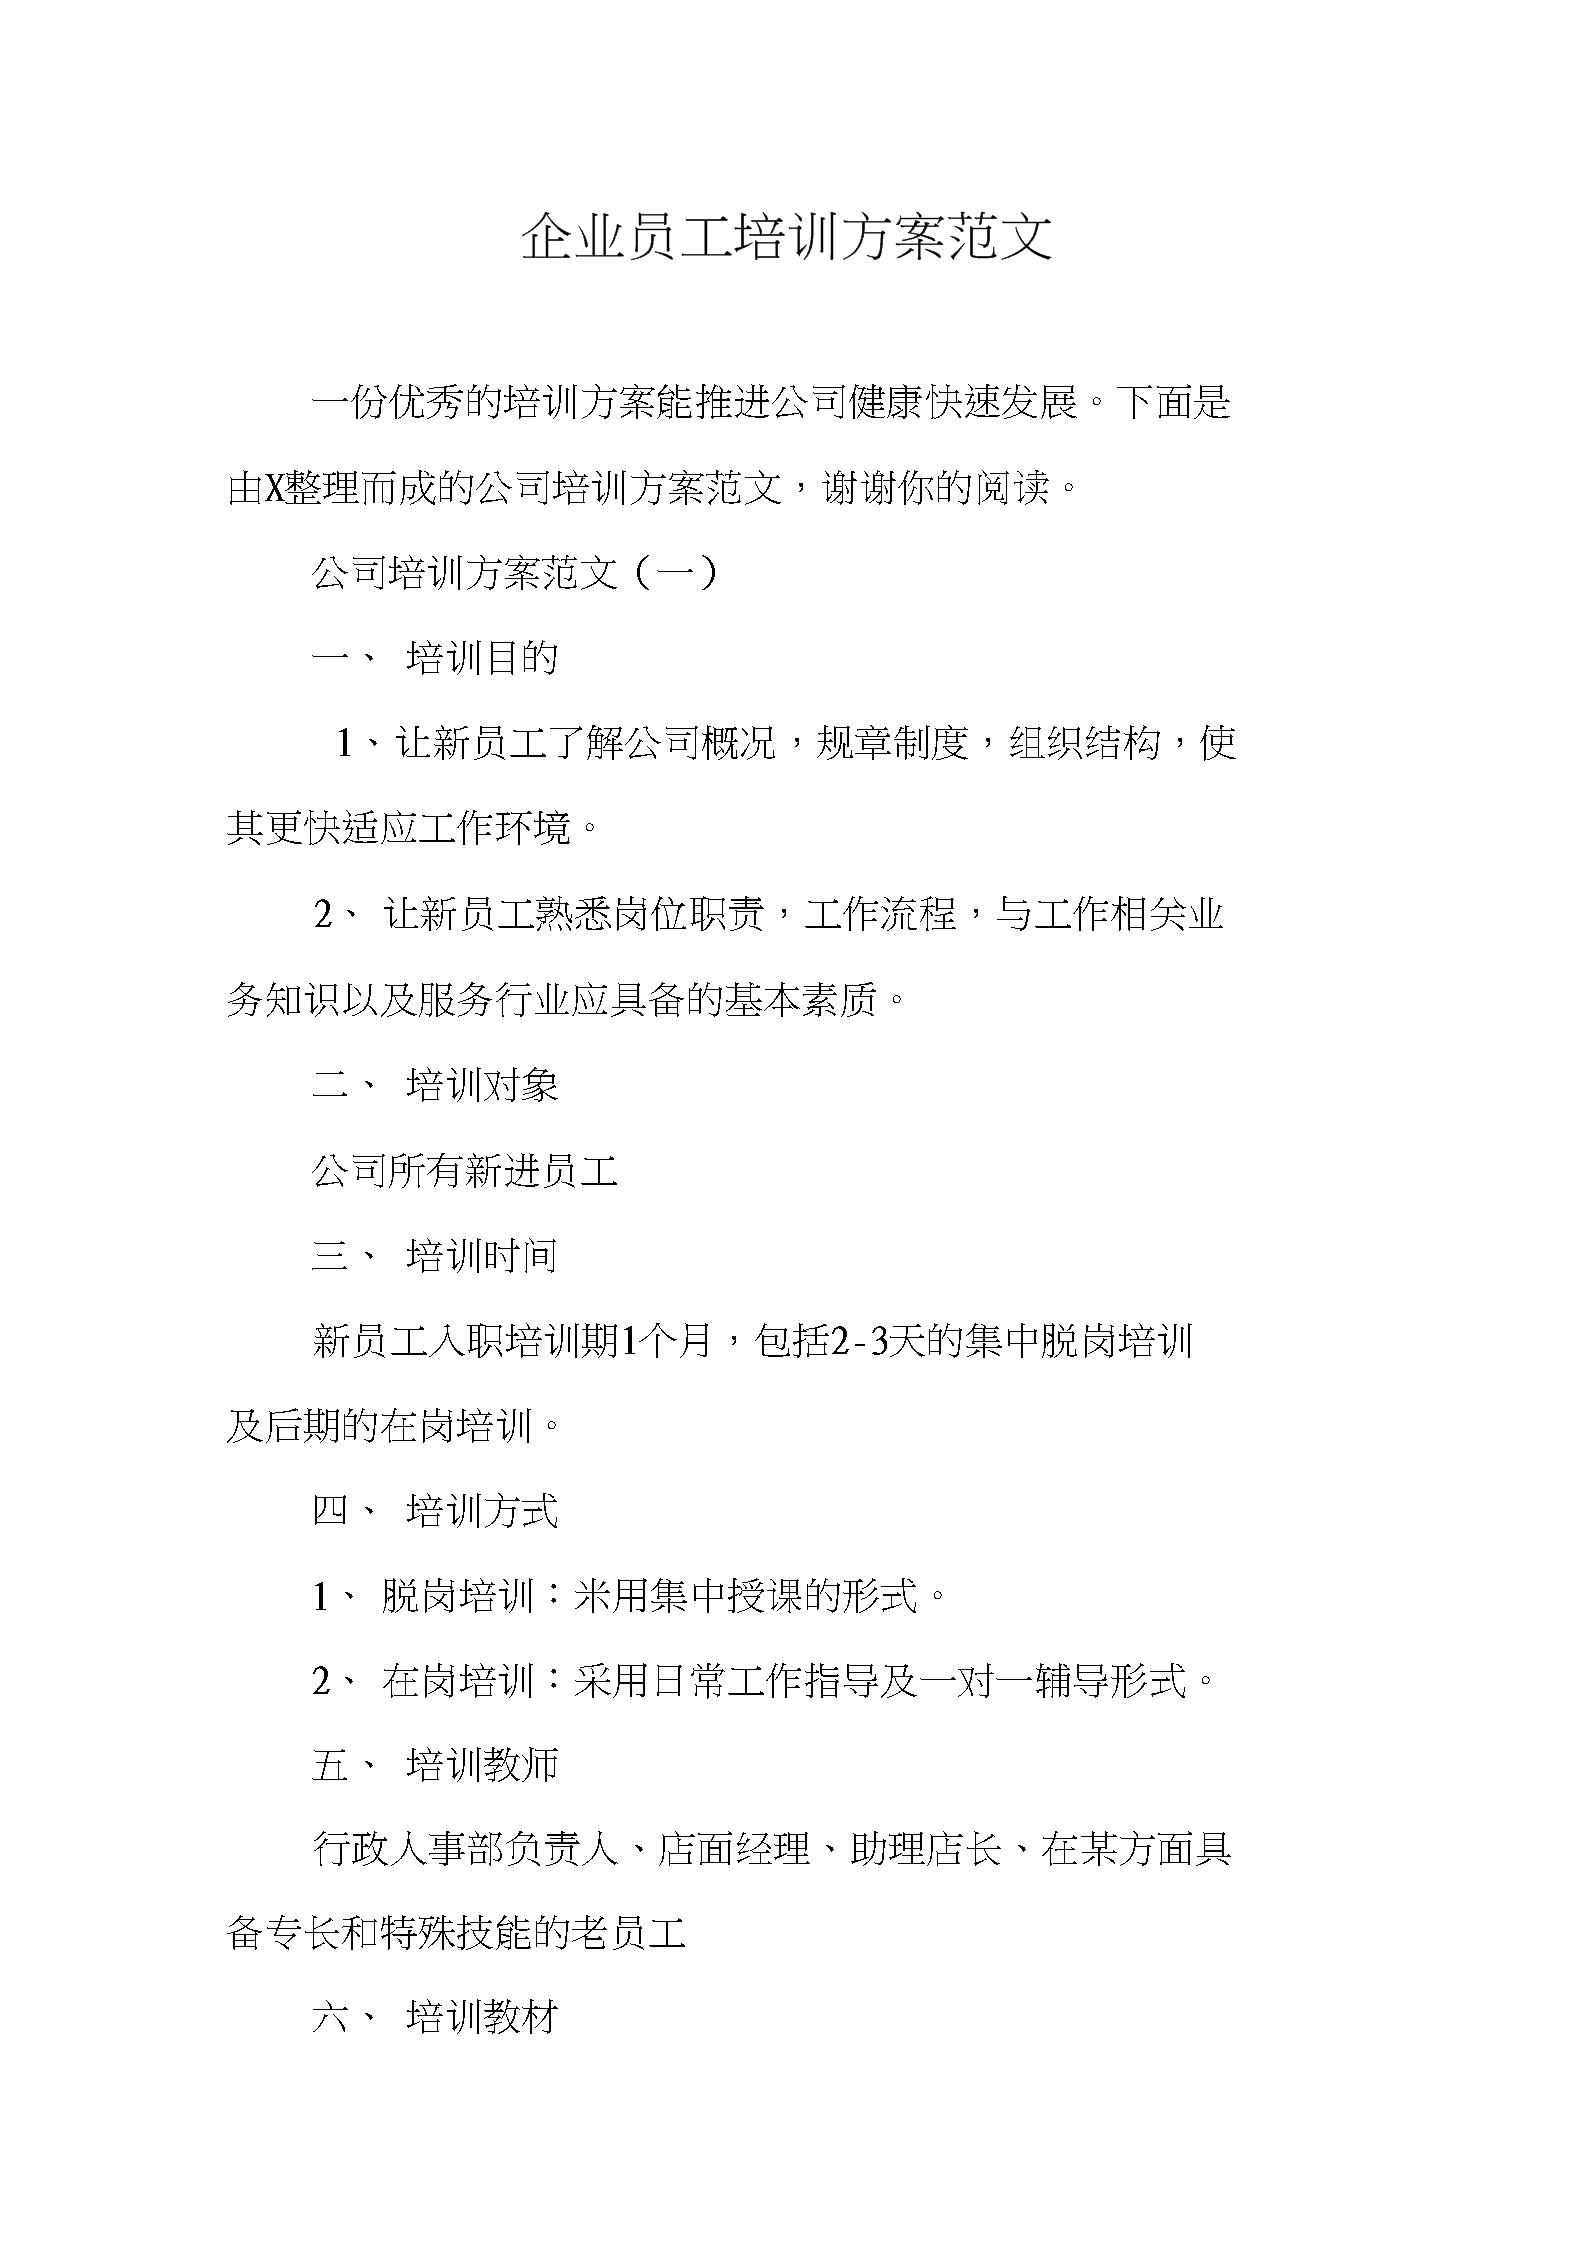 企业员工培训方案范文_1.docx